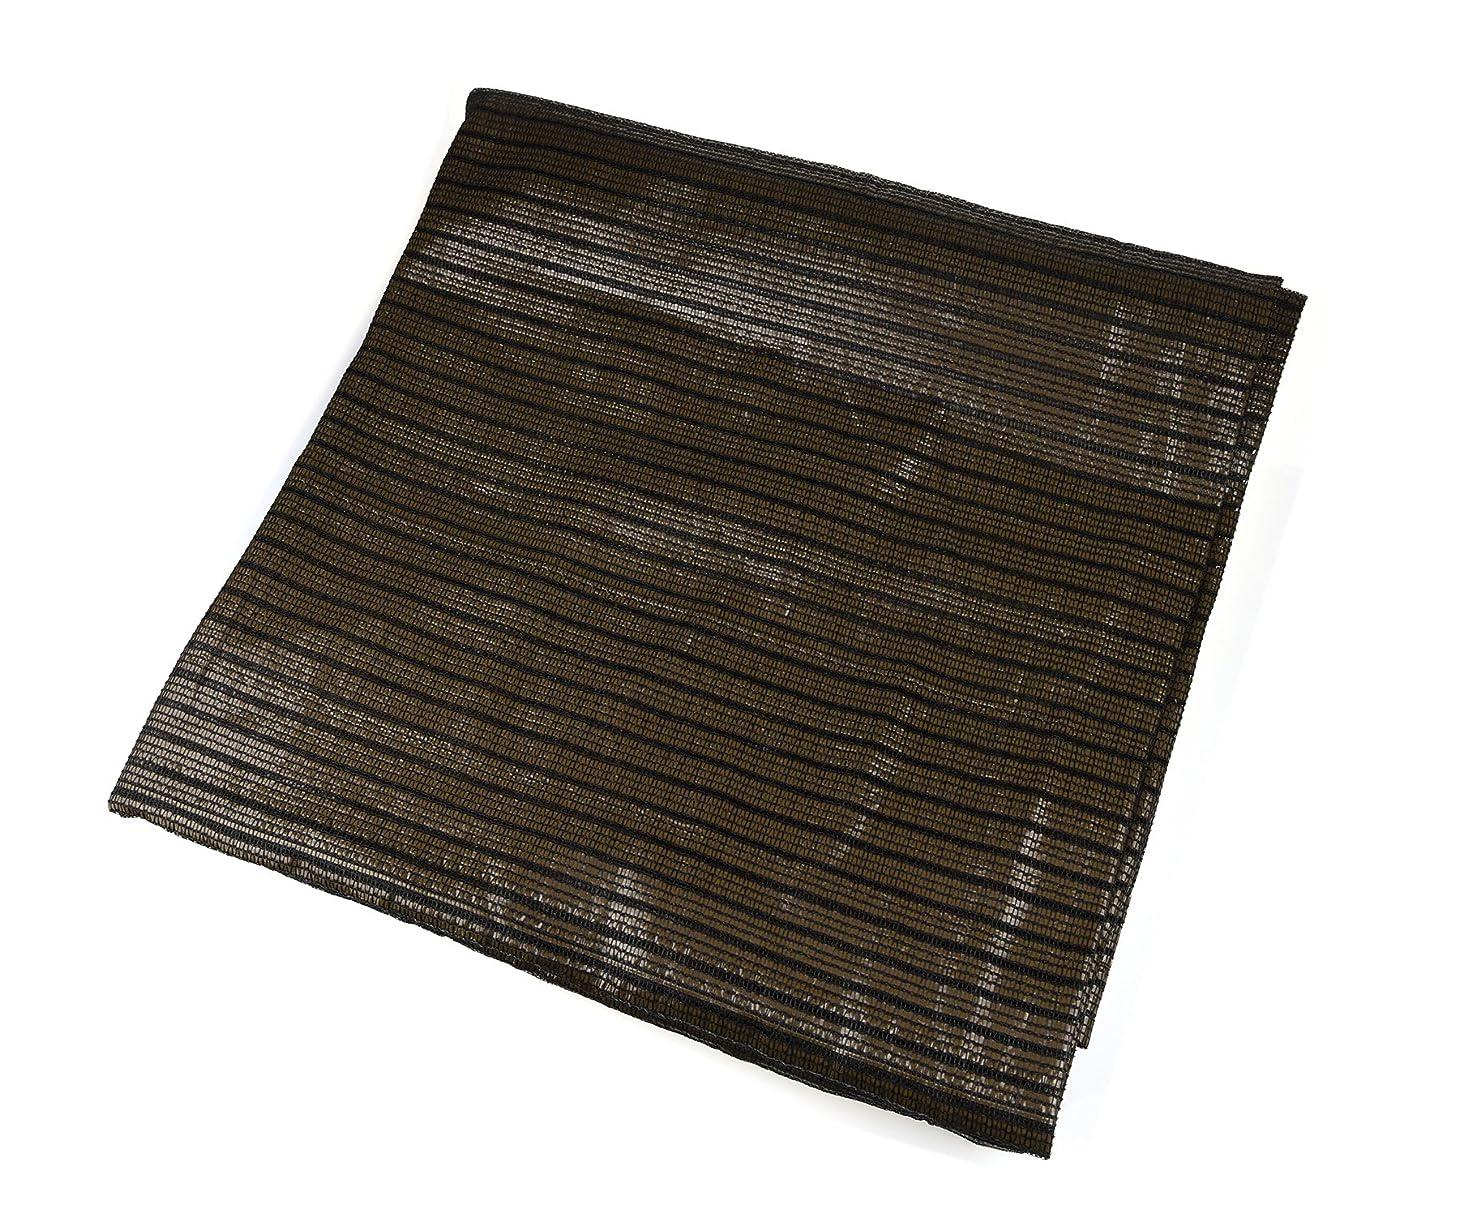 辞書批評切るNKTM オーニングシェード 日よけのクールシェード 穴付け 西日対策やエアコンの室外機対策 2m*2m 茶褐色